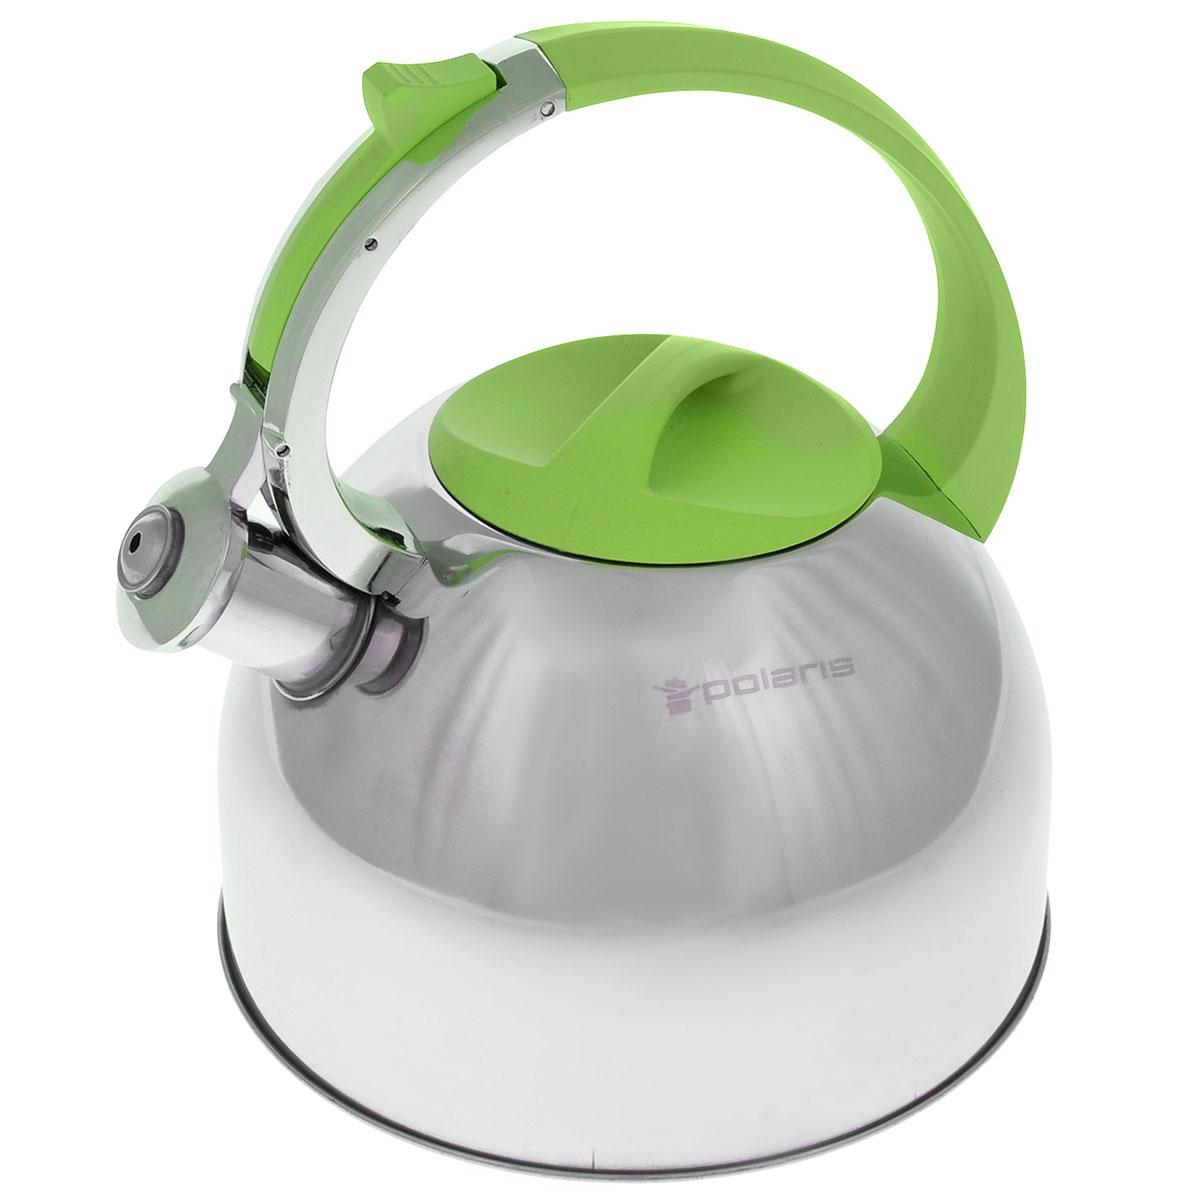 Чайник Polaris Sound со свистком, цвет: салатовый, 3 лSound-3LЧайник Polaris Sound изготовлен из высококачественной нержавеющей стали 18/10. Съемная крышка позволяет легко наполнить чайник водой и обеспечить доступ для мытья. Чайник оповещает о вскипании мелодичным свистом. Клапан на носике открывается нажатием кнопки на ручке. Эргономичная ручка выполнена из бакелита с покрытием Soft touch, не нагревается и не скользит в руке.Зеркальная полировка придает посуде эстетичный вид.Подходит для всех типов плит, в том числе для индукционных.Высота стенок чайника: 14 см.Высота чайника (с учетом ручки): 24,5 см.